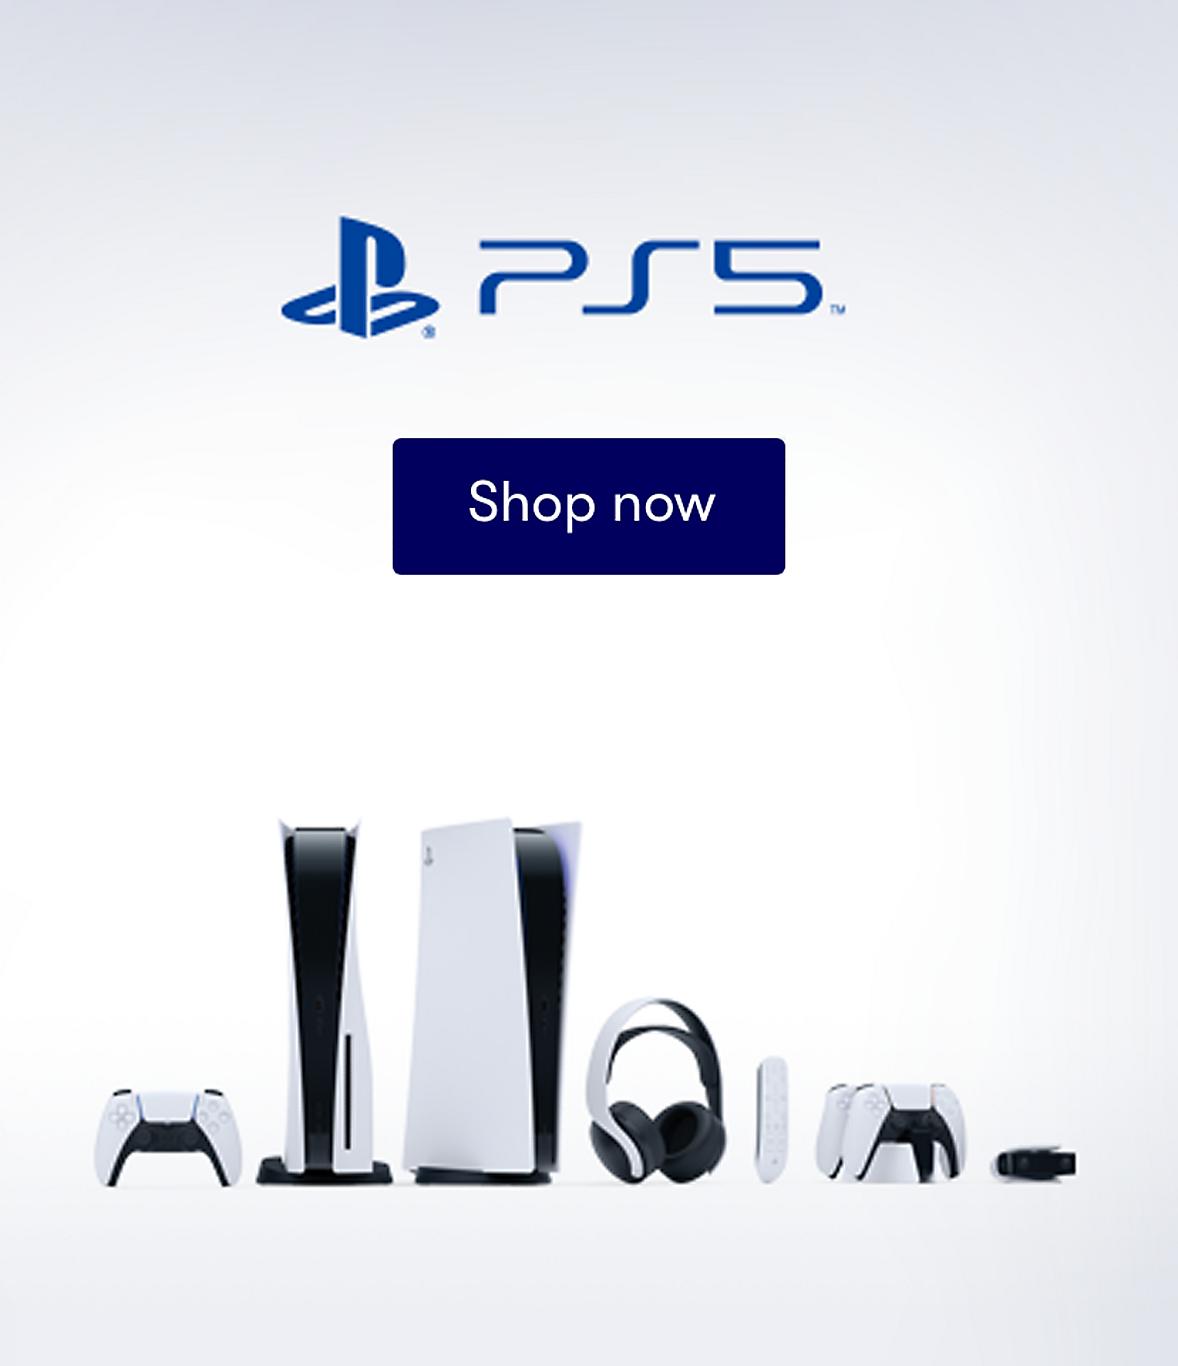 PS5 Shop Now